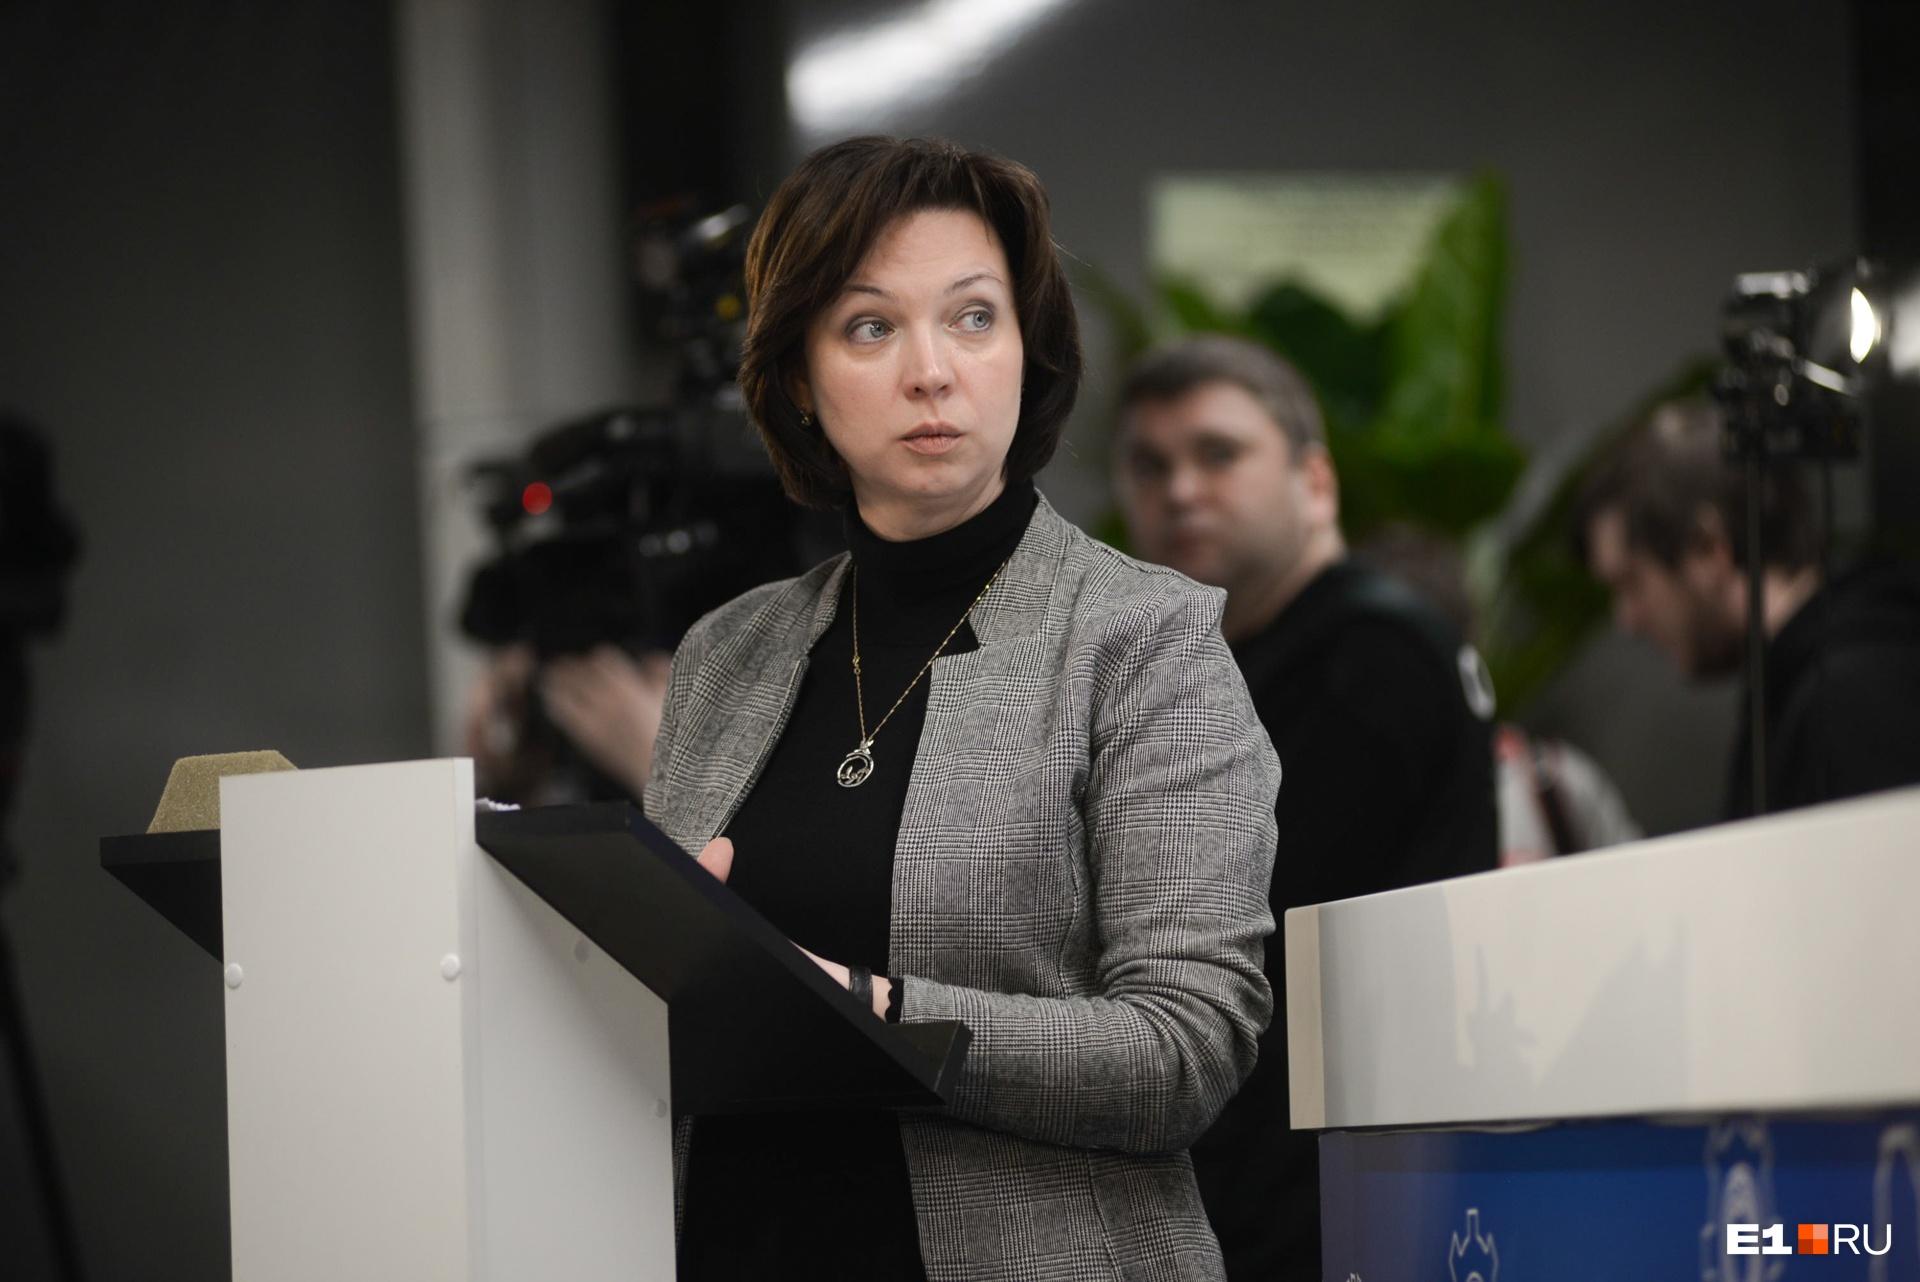 Ведущая пресс-конференции Юлия Прыткова